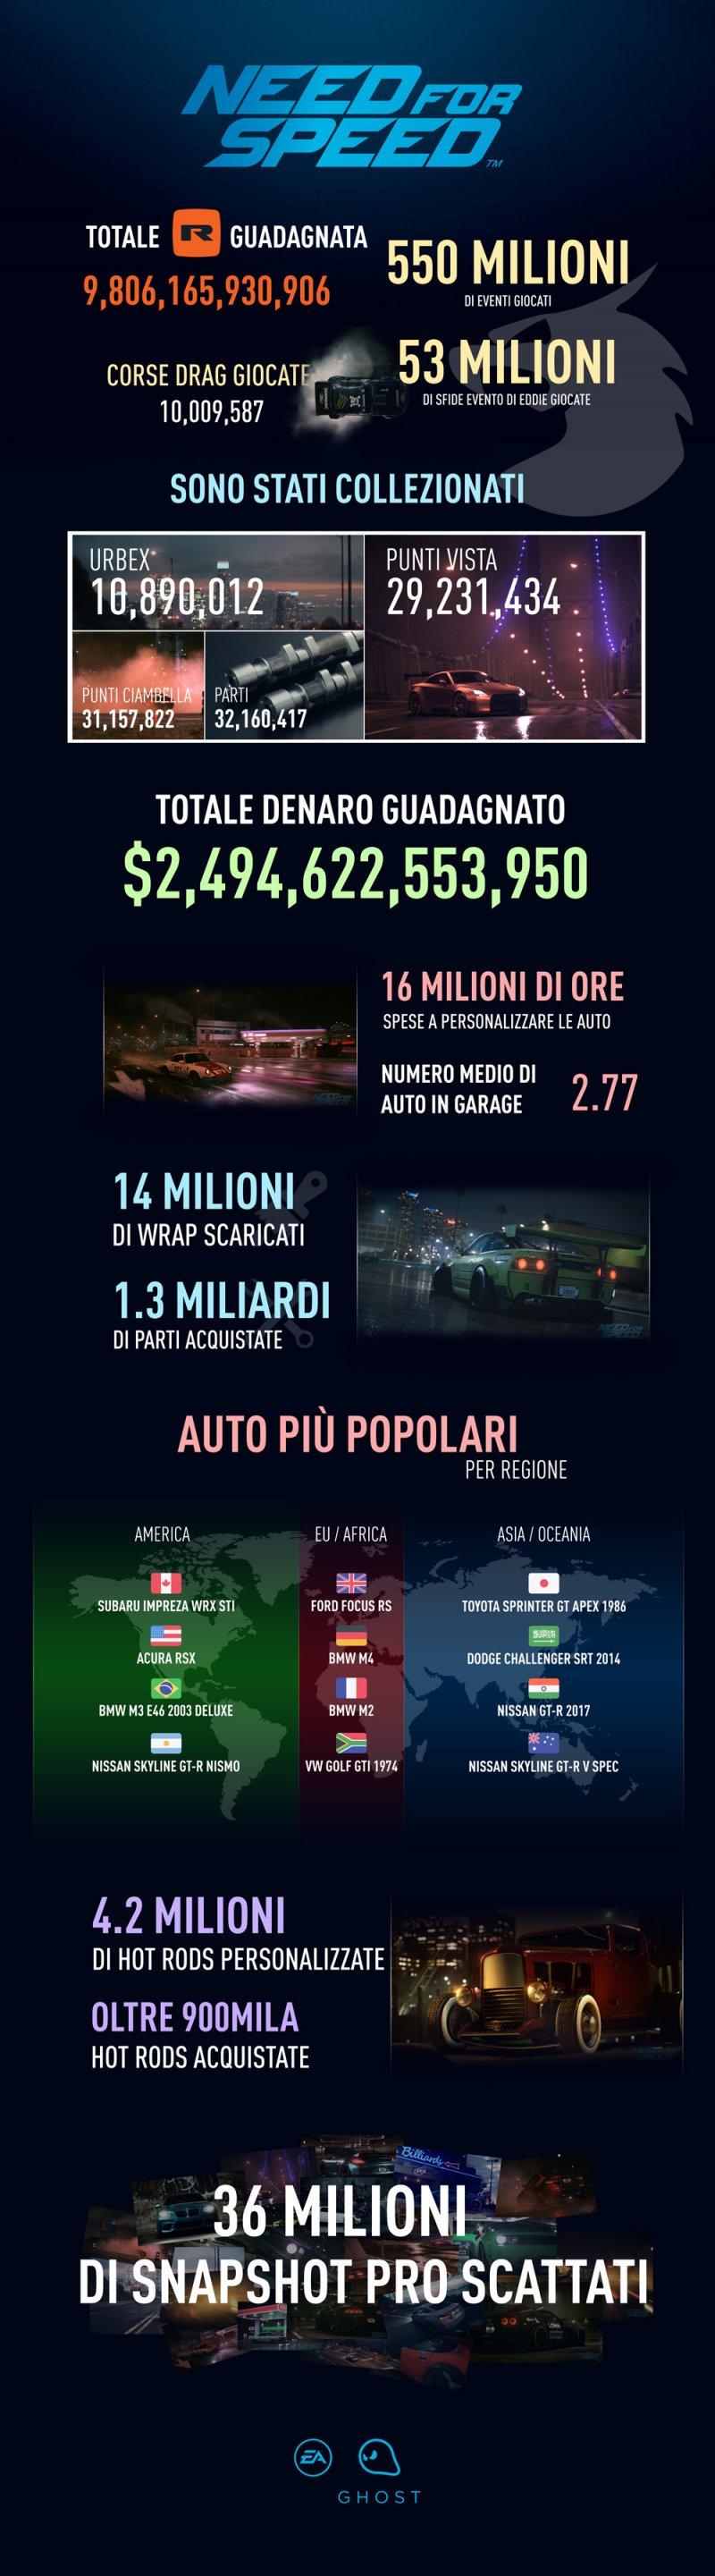 Un nuovo Need for Speed previsto per il 2017 e un'interessante infografica sull'ultimo capitolo